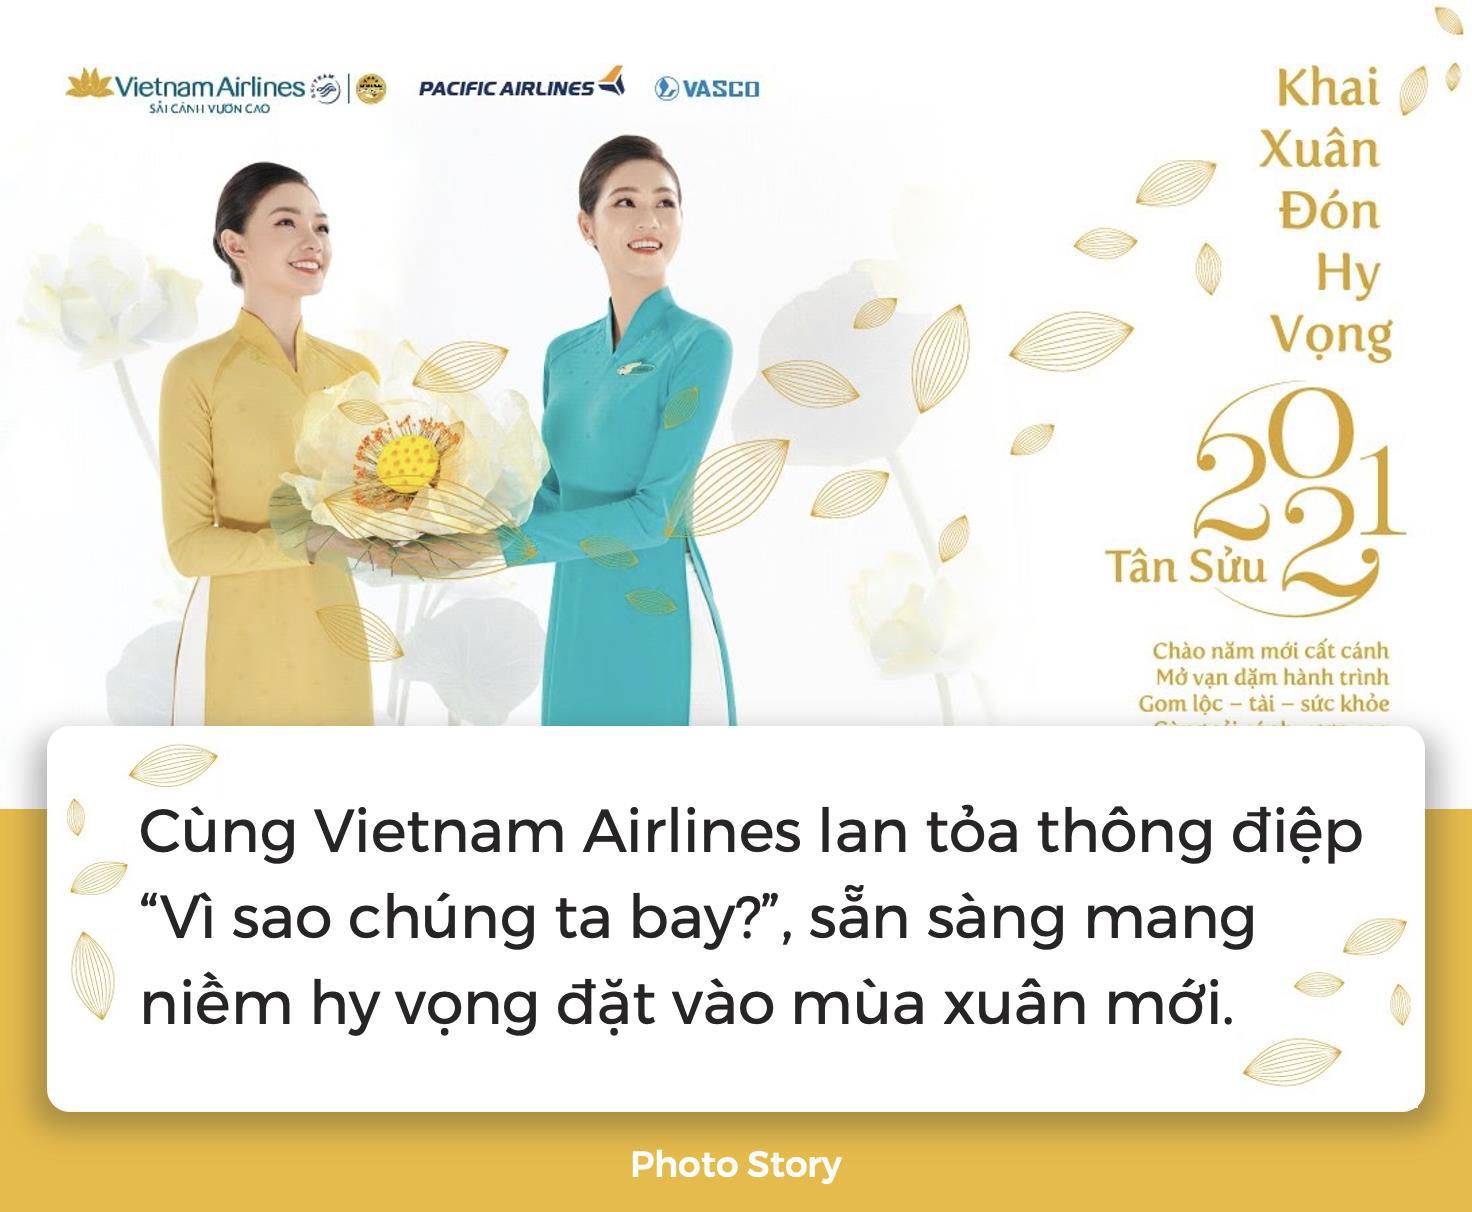 """Cùng Vietnam Airlines lan tỏa thông điệp """"Vì sao chúng ta bay?"""", sẵn sàng mang niềm hy vọng đặt vào mùa xuân mới - Ảnh 1."""